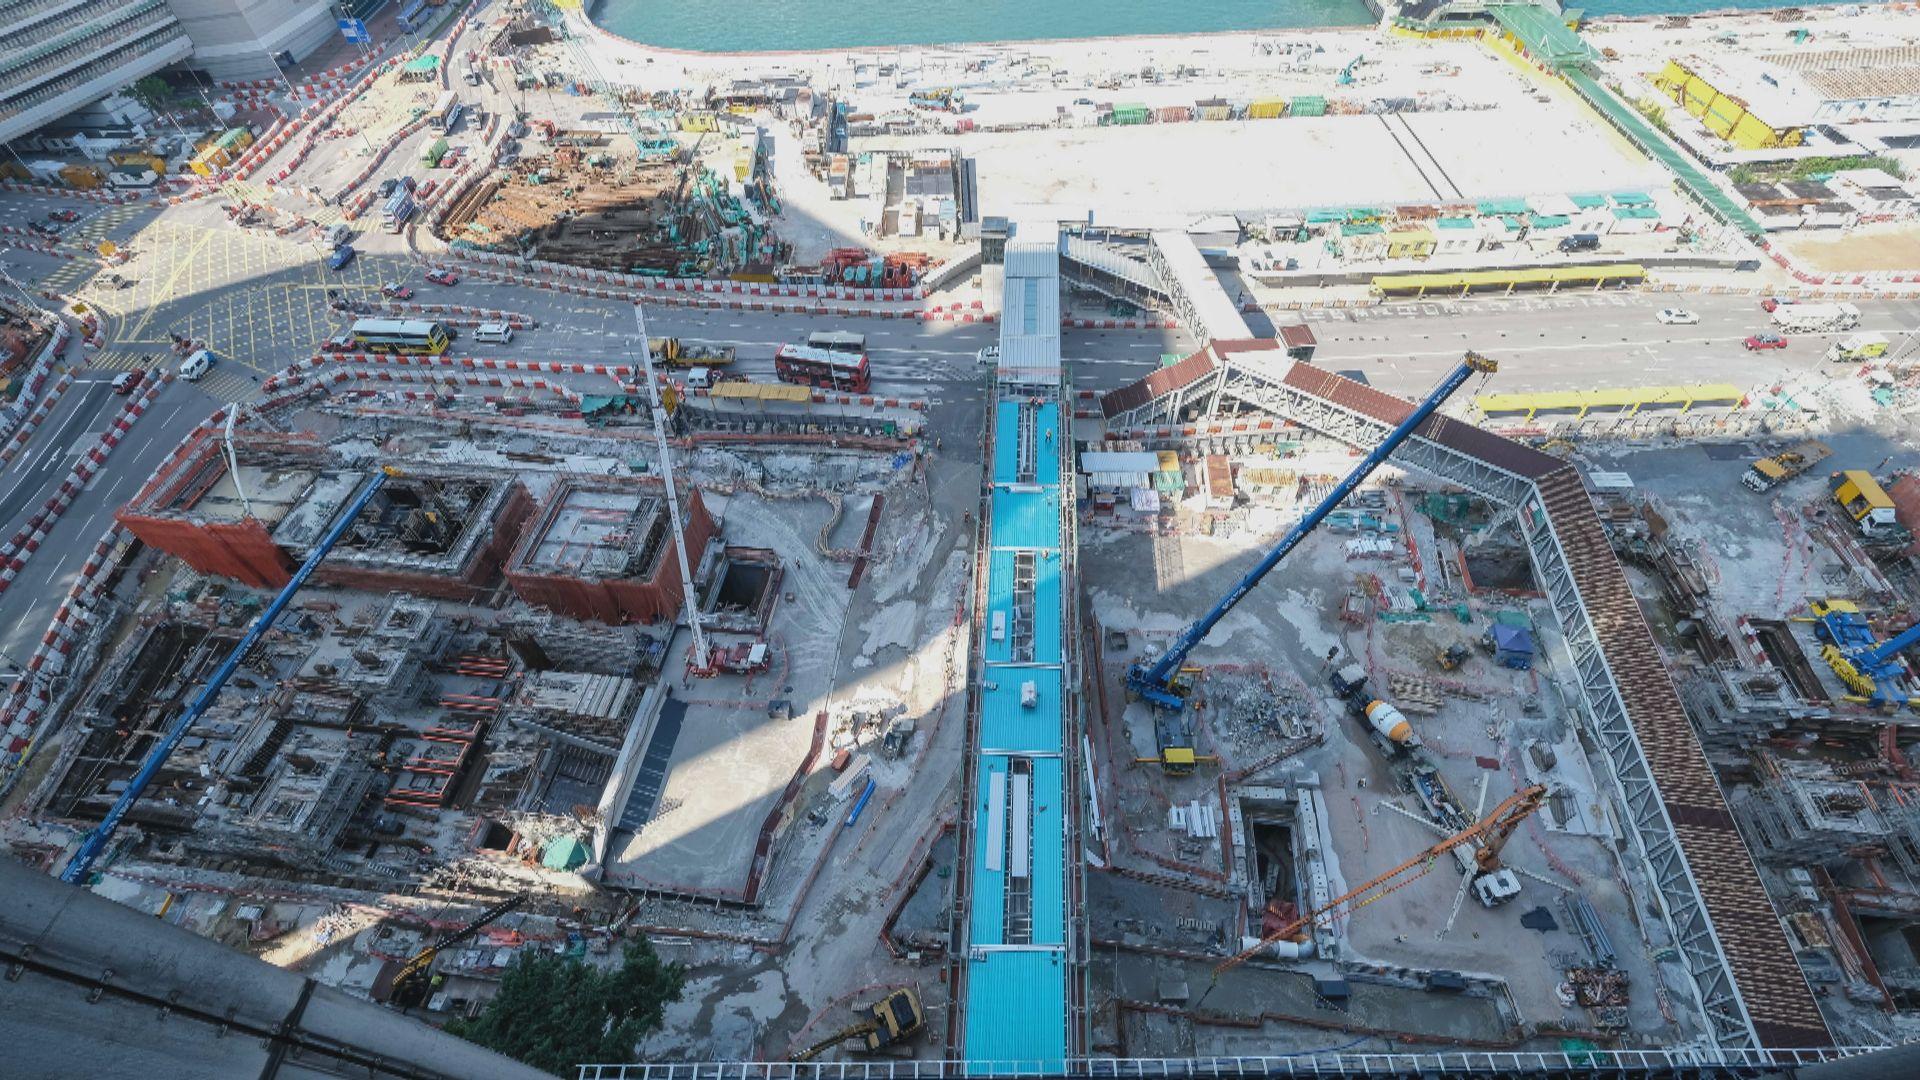 港鐵指會展站平頂 紅磡至金鐘段土木工程大致完成